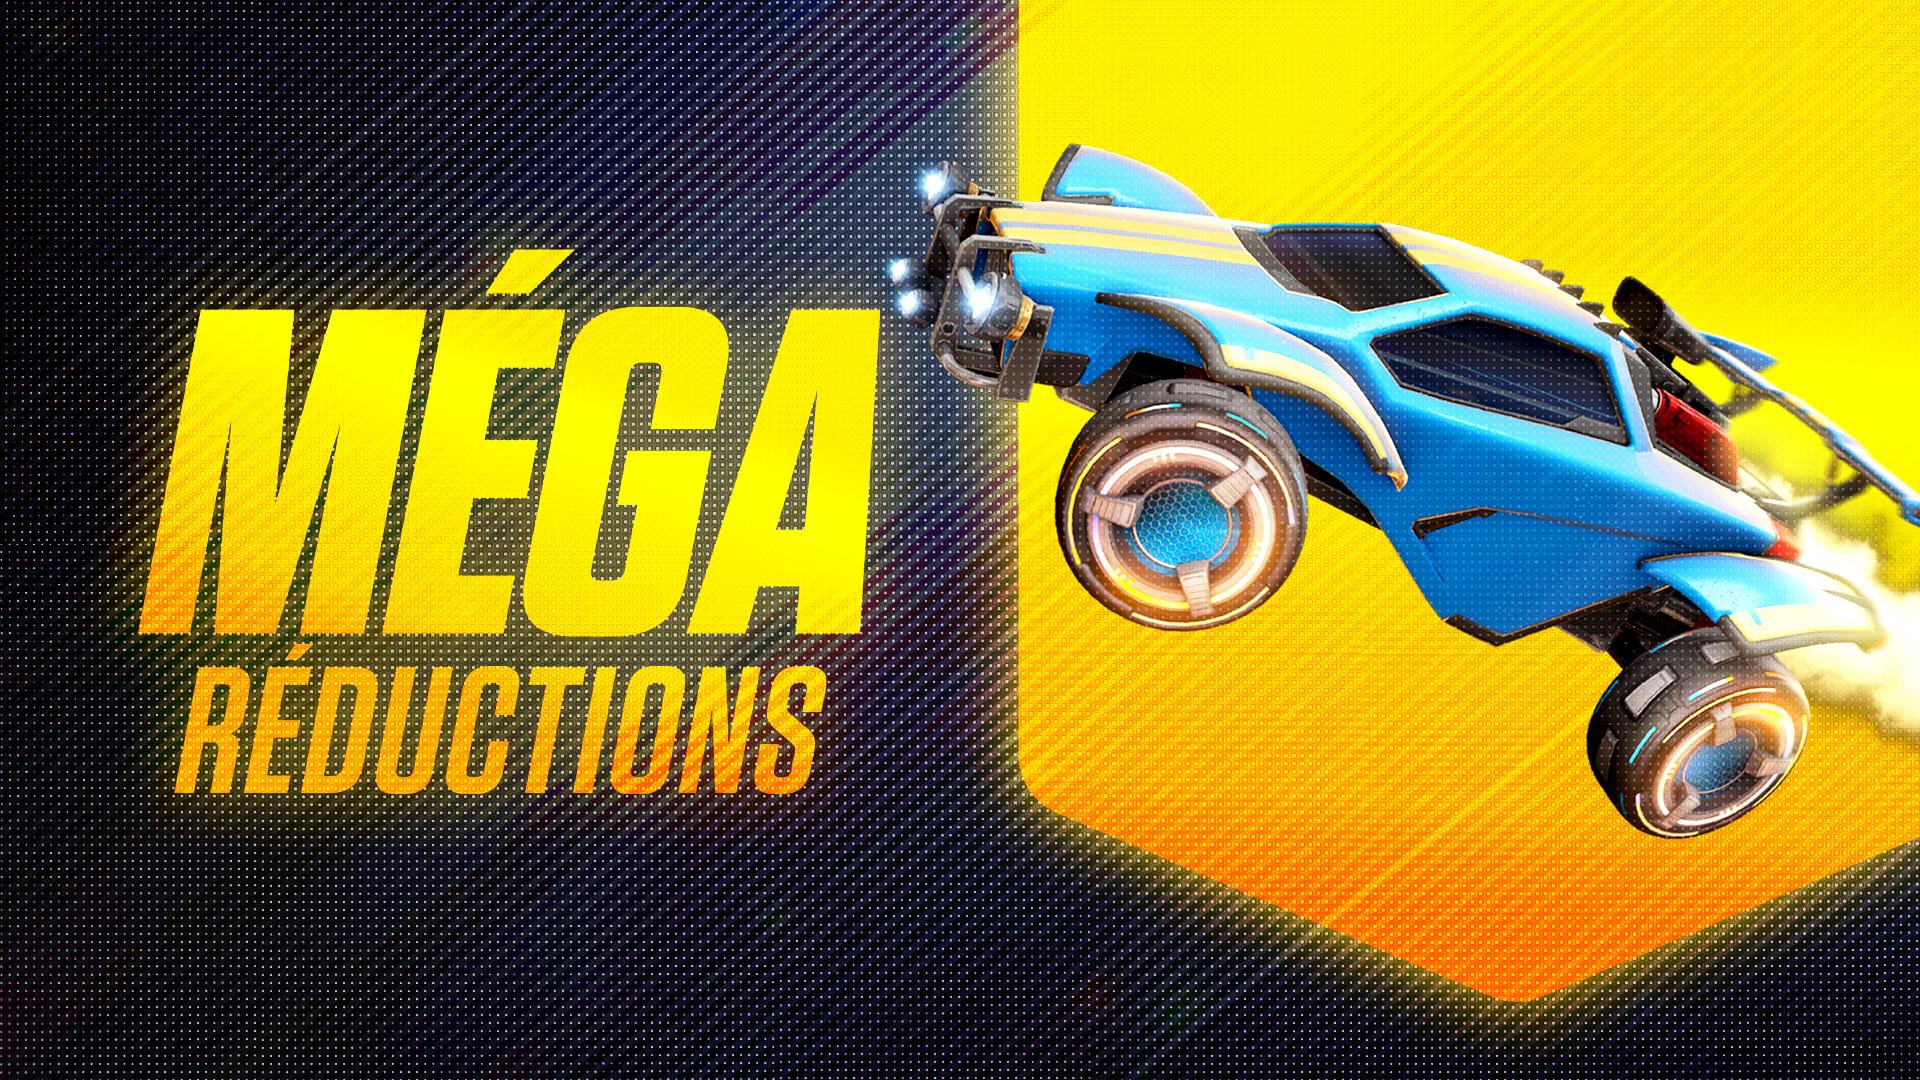 FR EGS MegaDeals RL 1920x1080